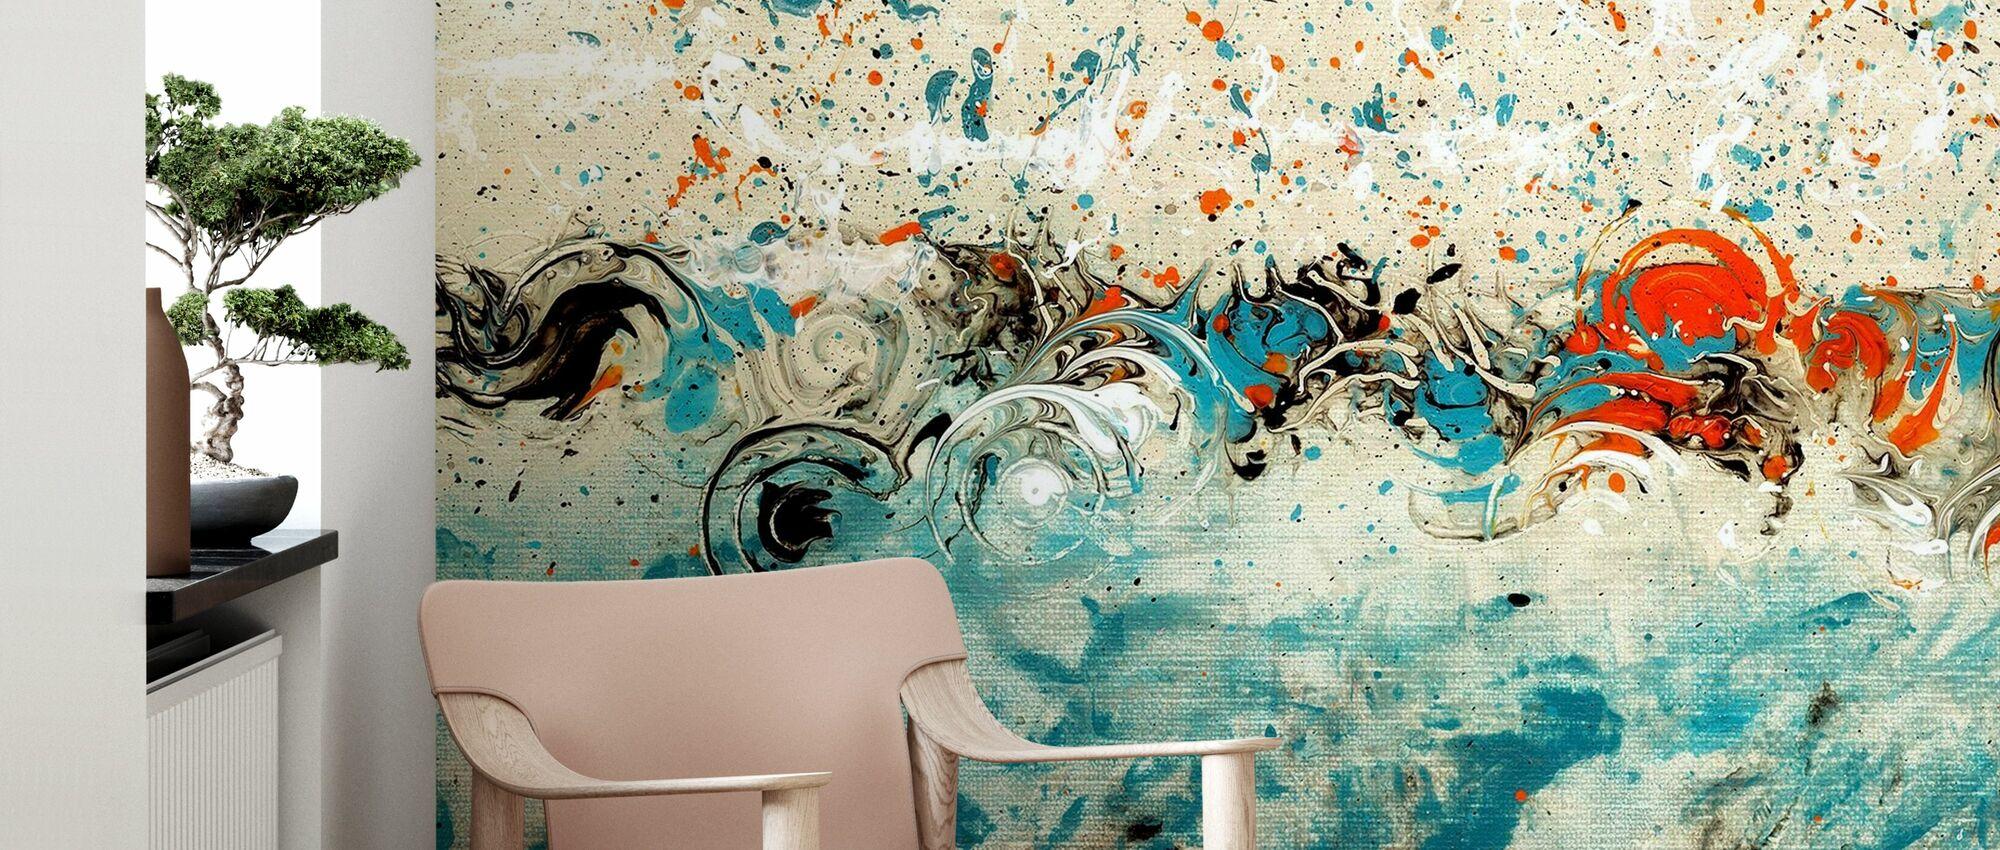 Rhythmic Hour - Wallpaper - Living Room